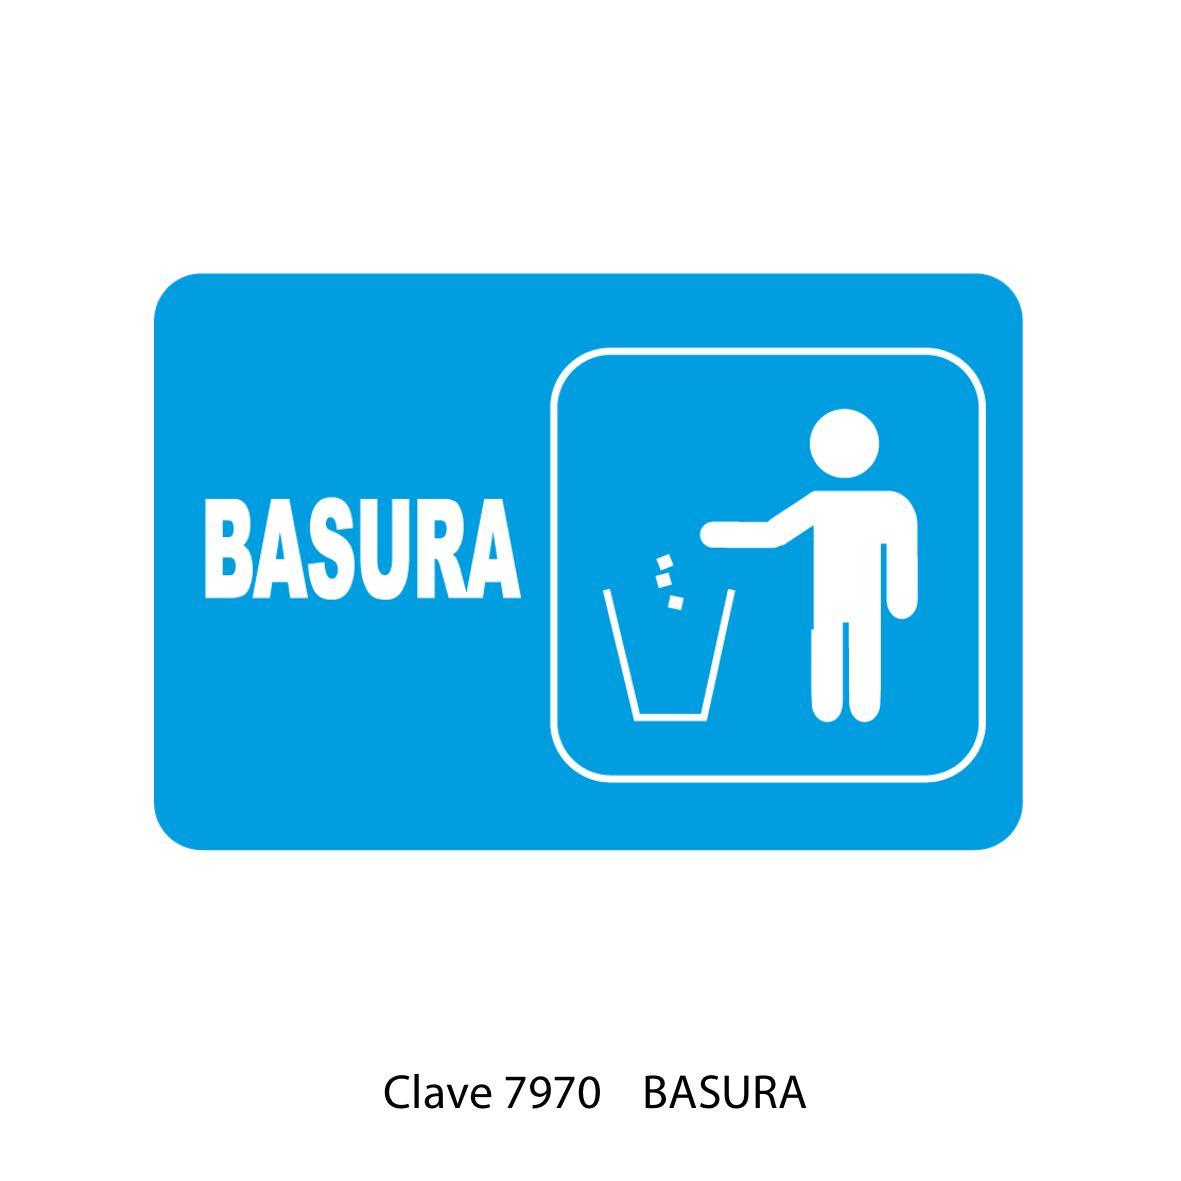 Señal para Basura Modelo 7970 - Sablón